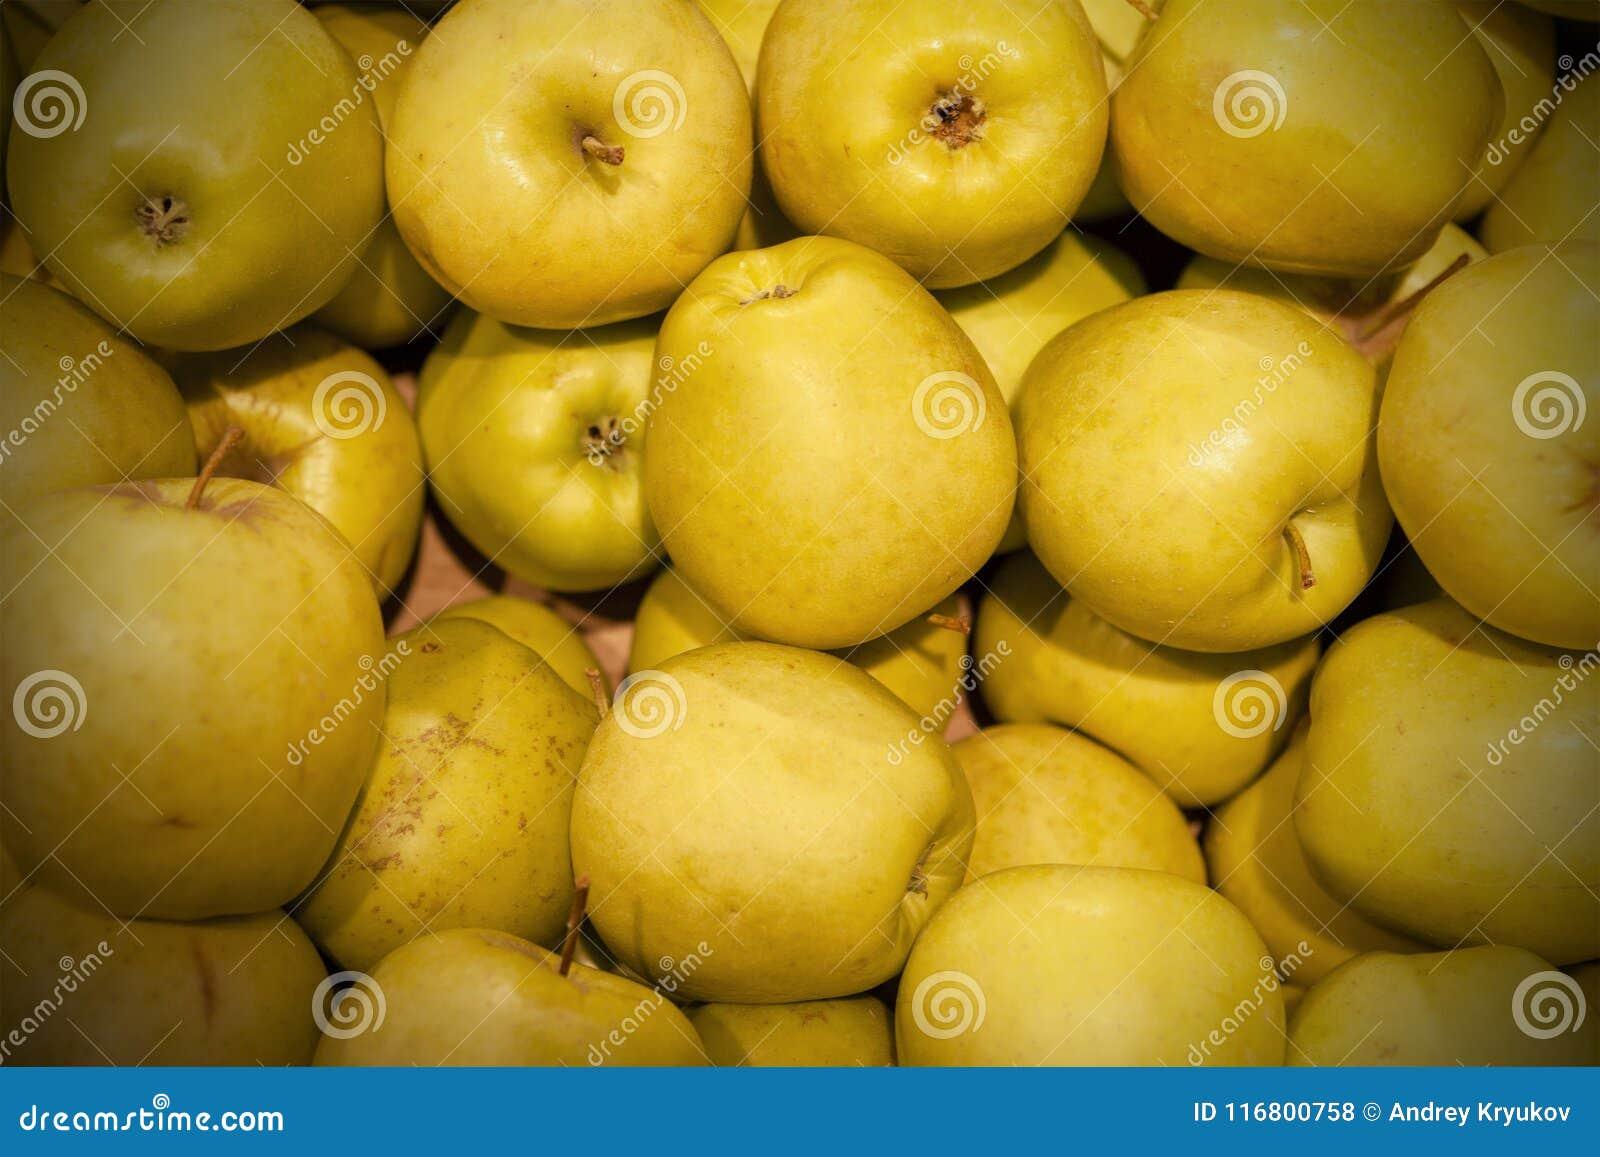 Le mele fresche hanno sparso fuori uno strato uguale come fondo